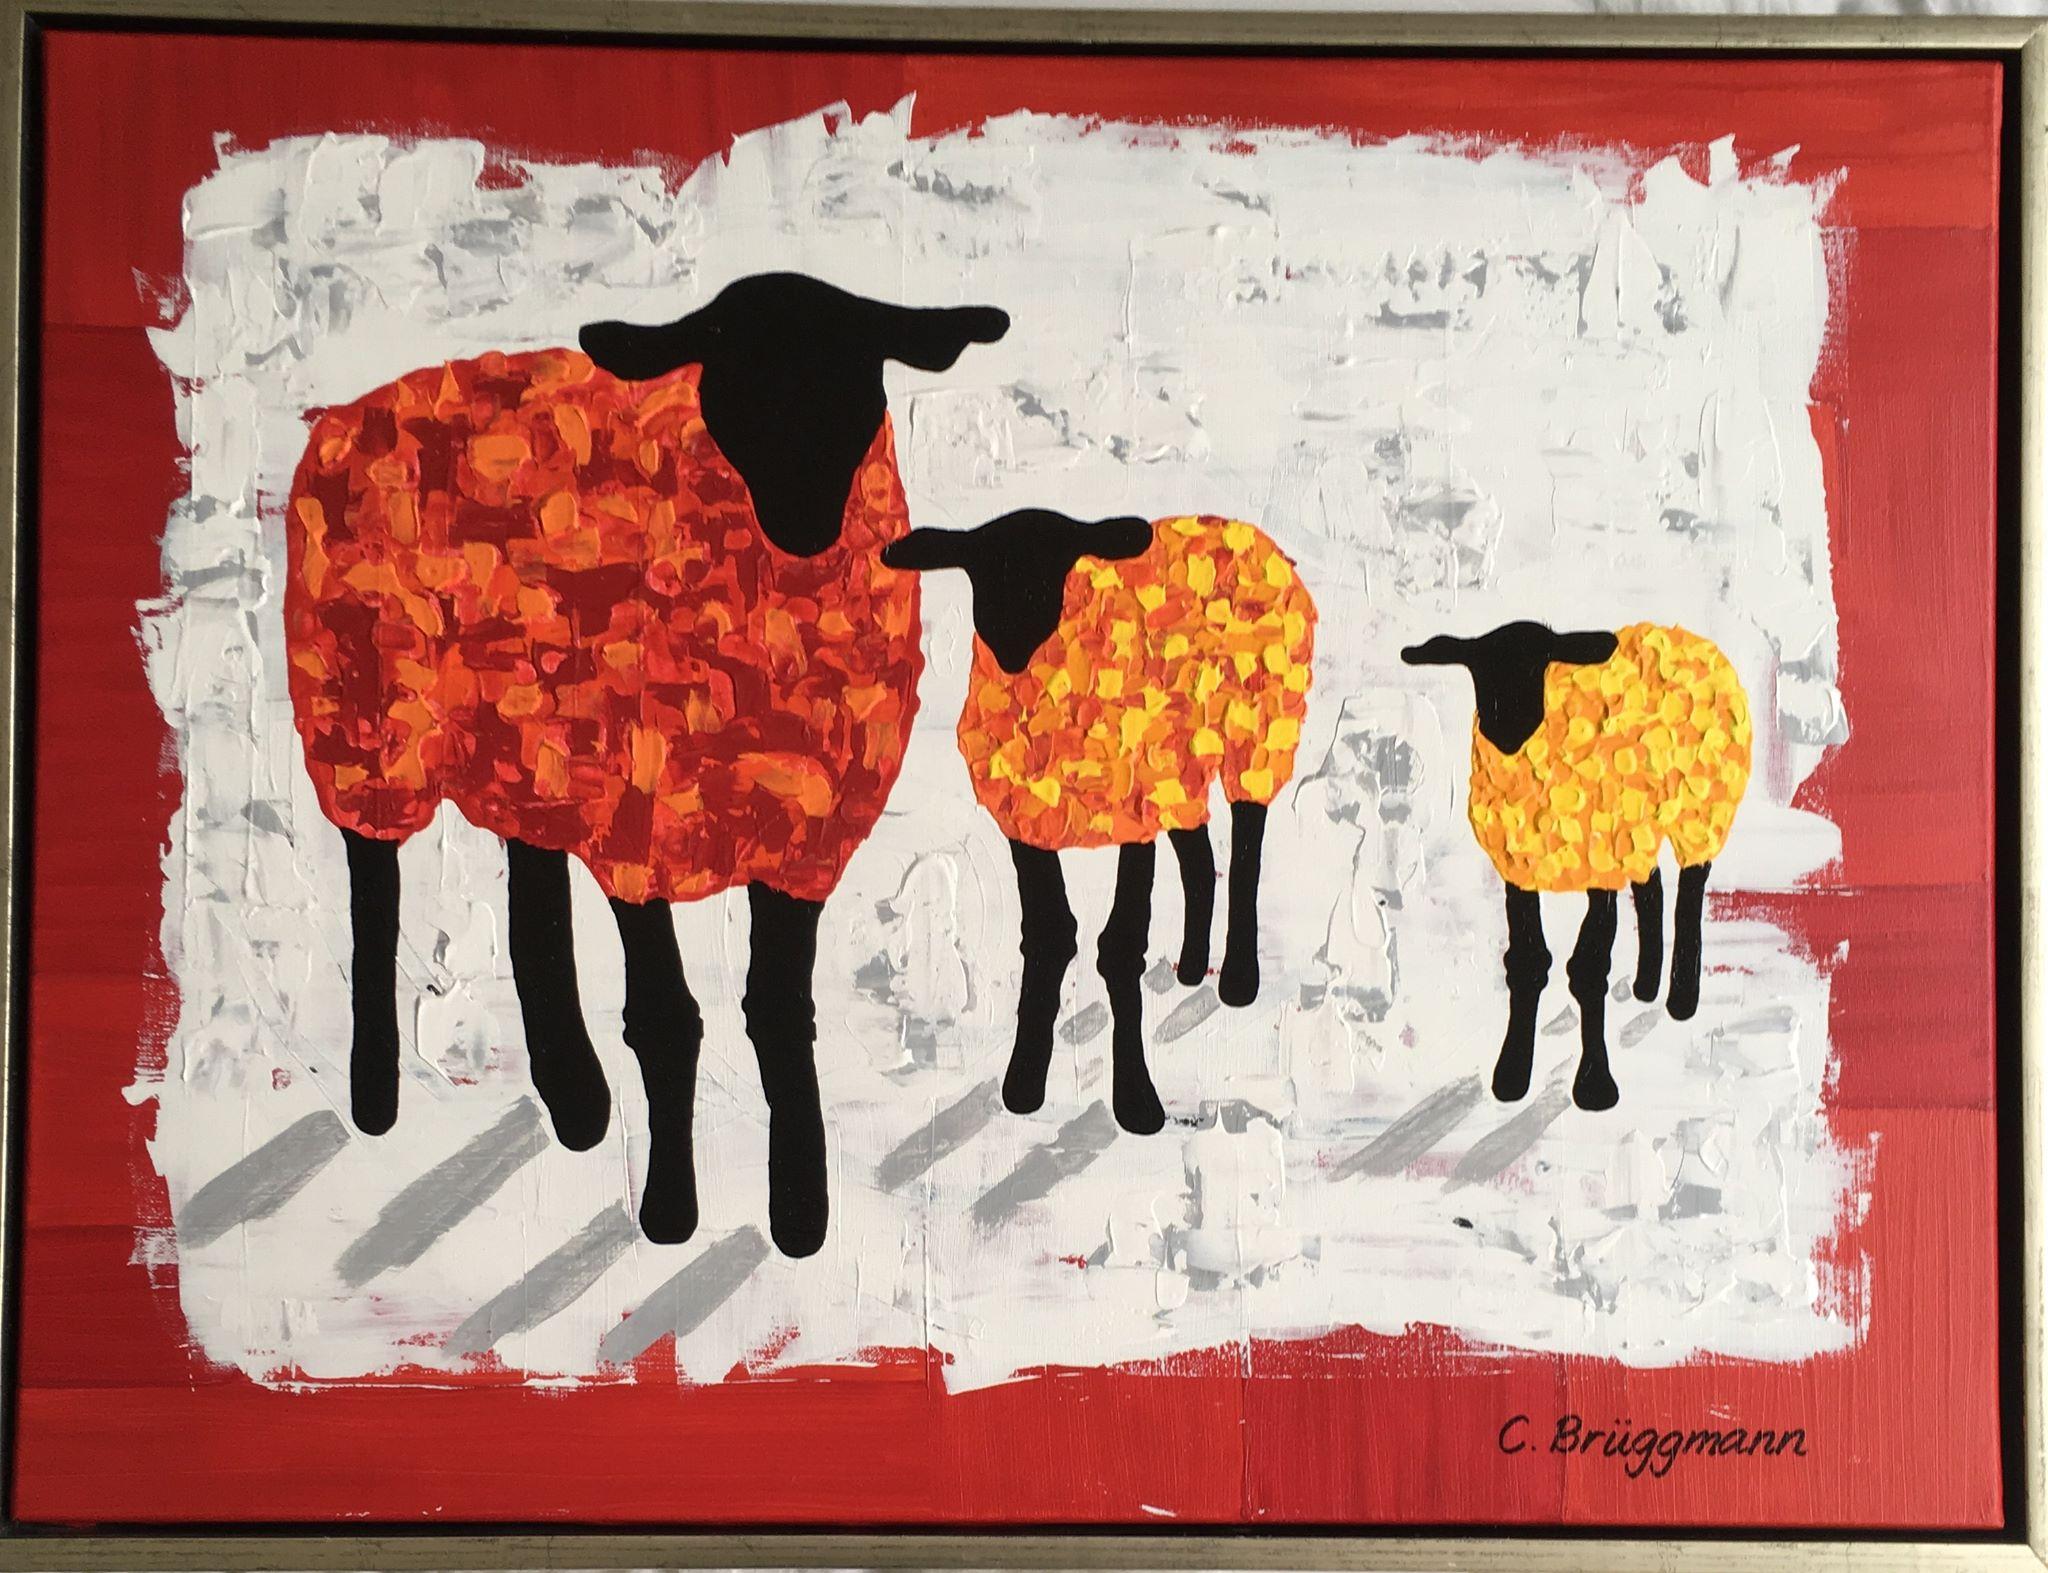 """Färgglad tavla med får. Fårtavla till din vägg. Fårtavlor av C.Brüggmann som heter """"Gotland Fårever"""""""